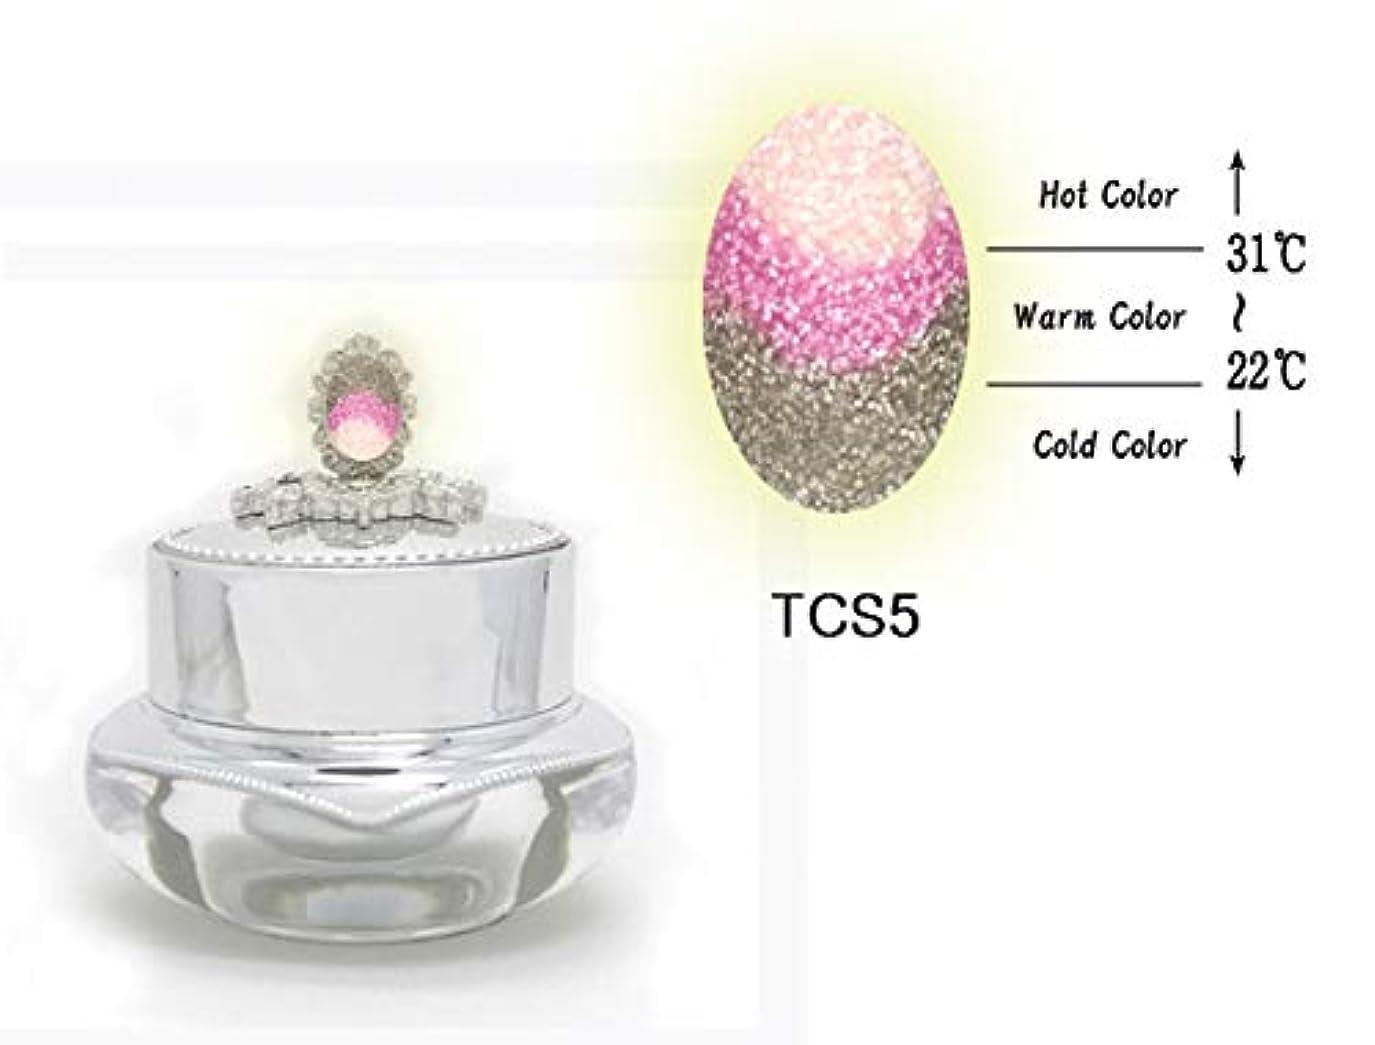 ホームモットー誇張するKENZICO (ケンジコ) Triple Sugar Gel プロ用5g 【TCS5】 3つの色に変わる夜光ジェル トリプルシュガージェル